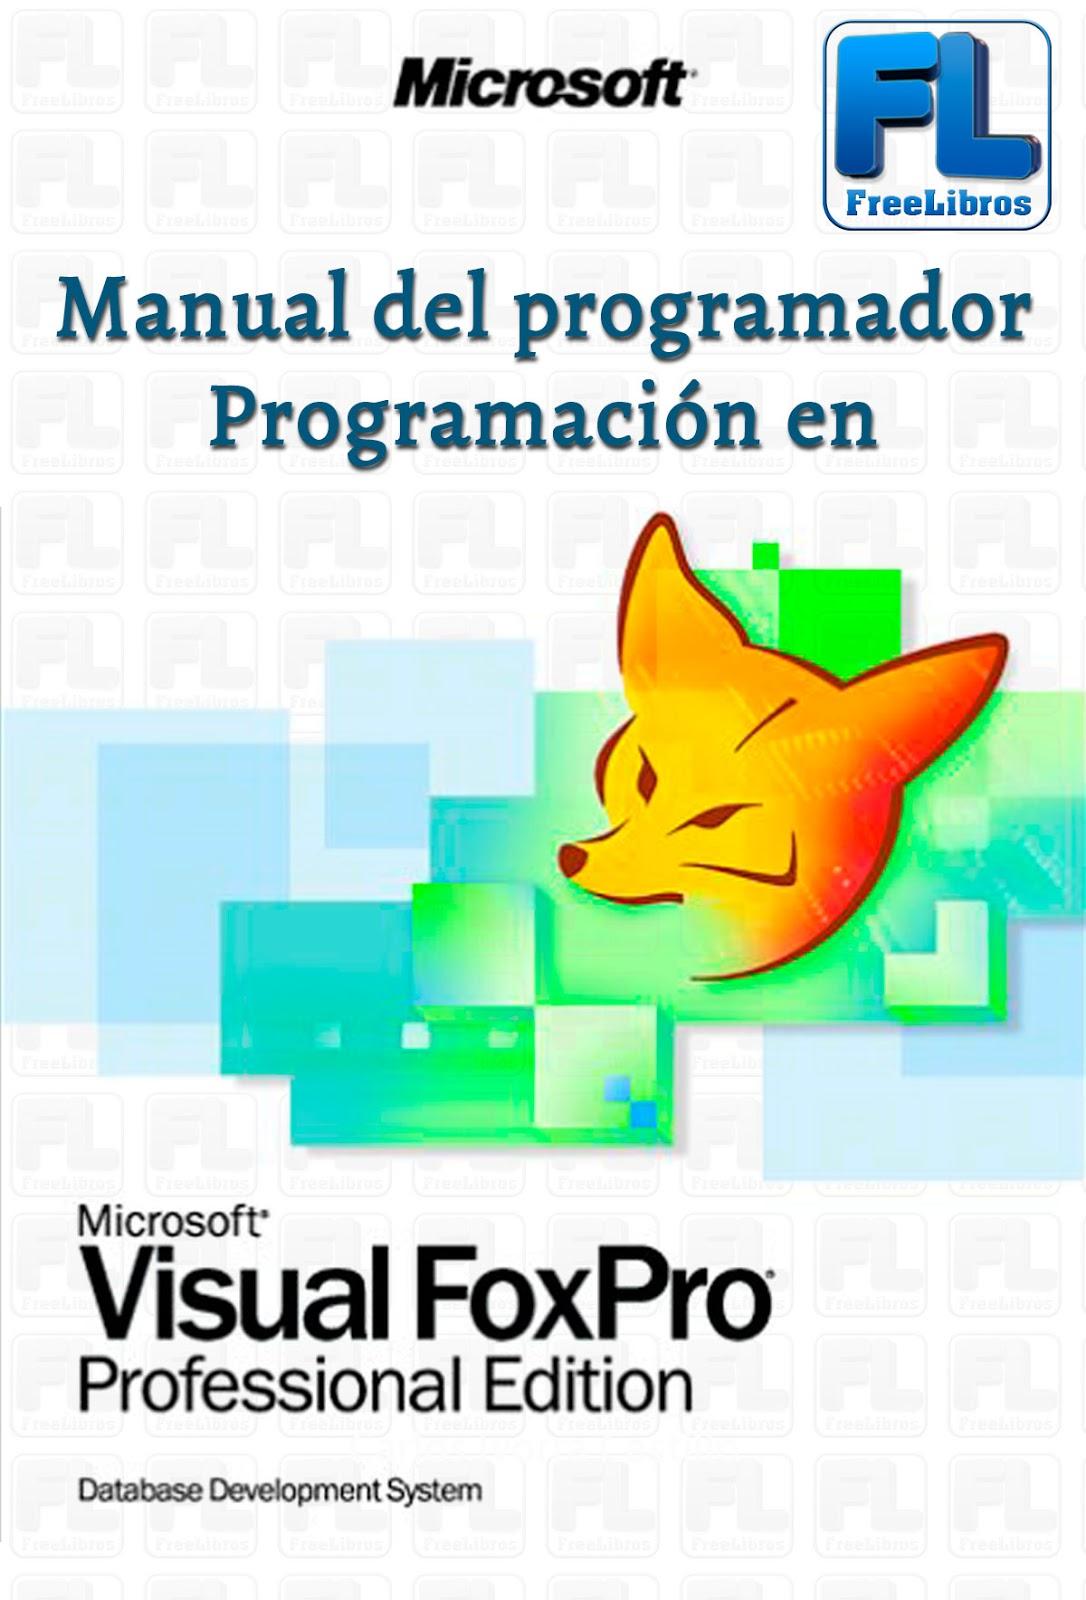 Manual del programador, Programación en Visual FoxPro